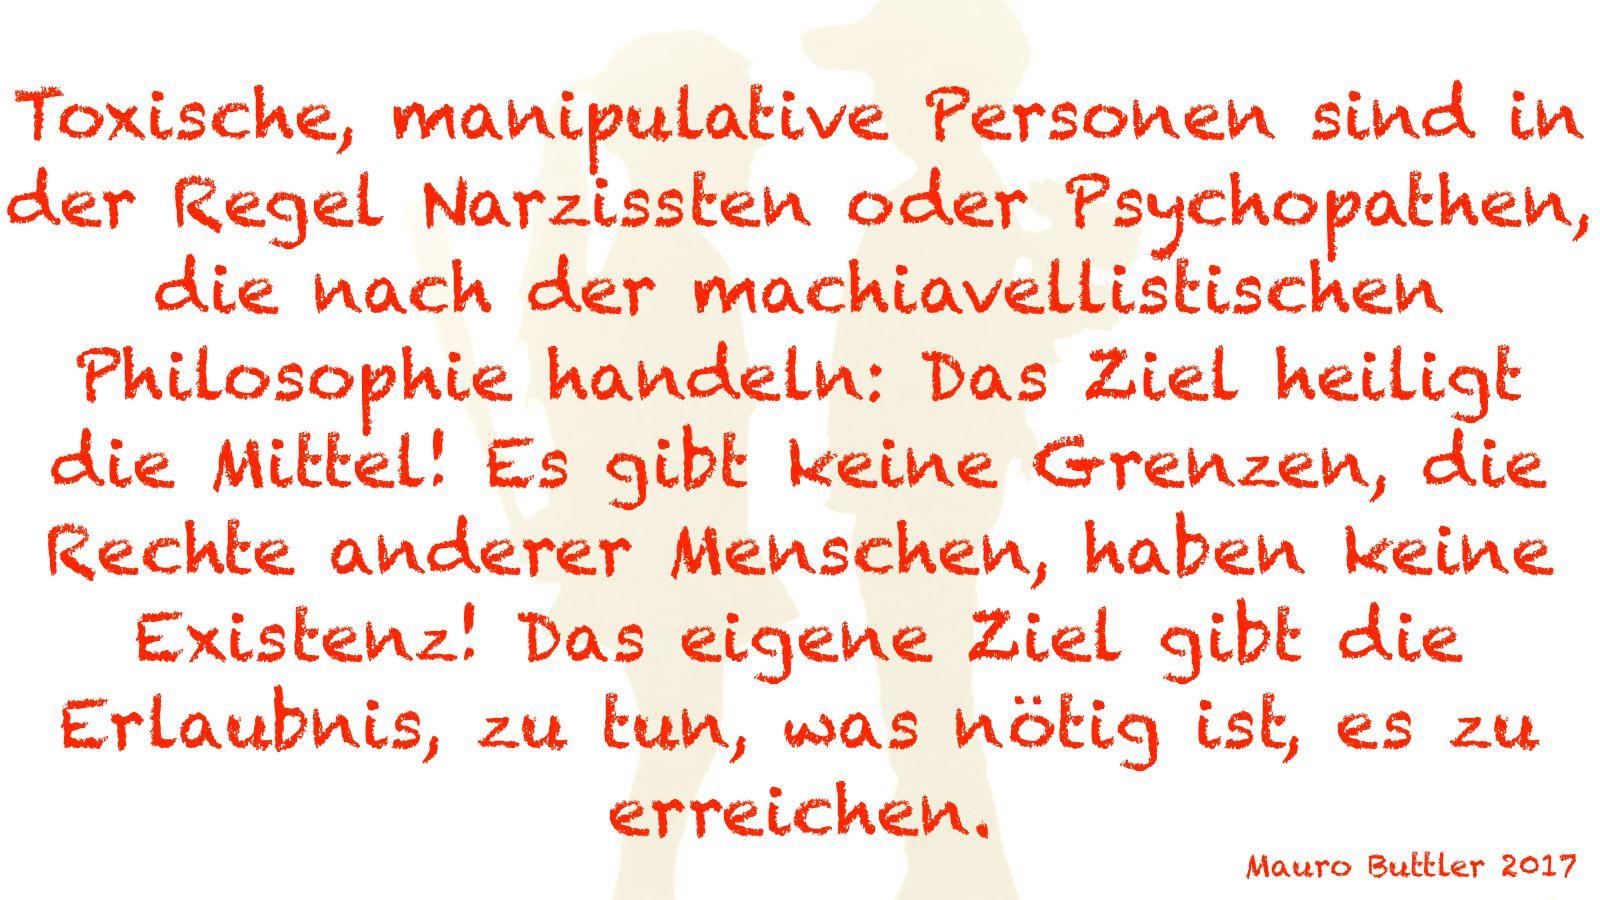 Toxische, manipulative Personen sind in der Regel Narzissten oder Psychopathen, die nach der machiavellistischen Philosophie handeln: Das Ziel heiligt die Mittel! Es gibt keine Grenzen, die Recher anderer Menschen, haben keine Existenz! Das eigene Ziel gibt die Erlaubnis, zu tun, was nötig ist, es zu erreichen.